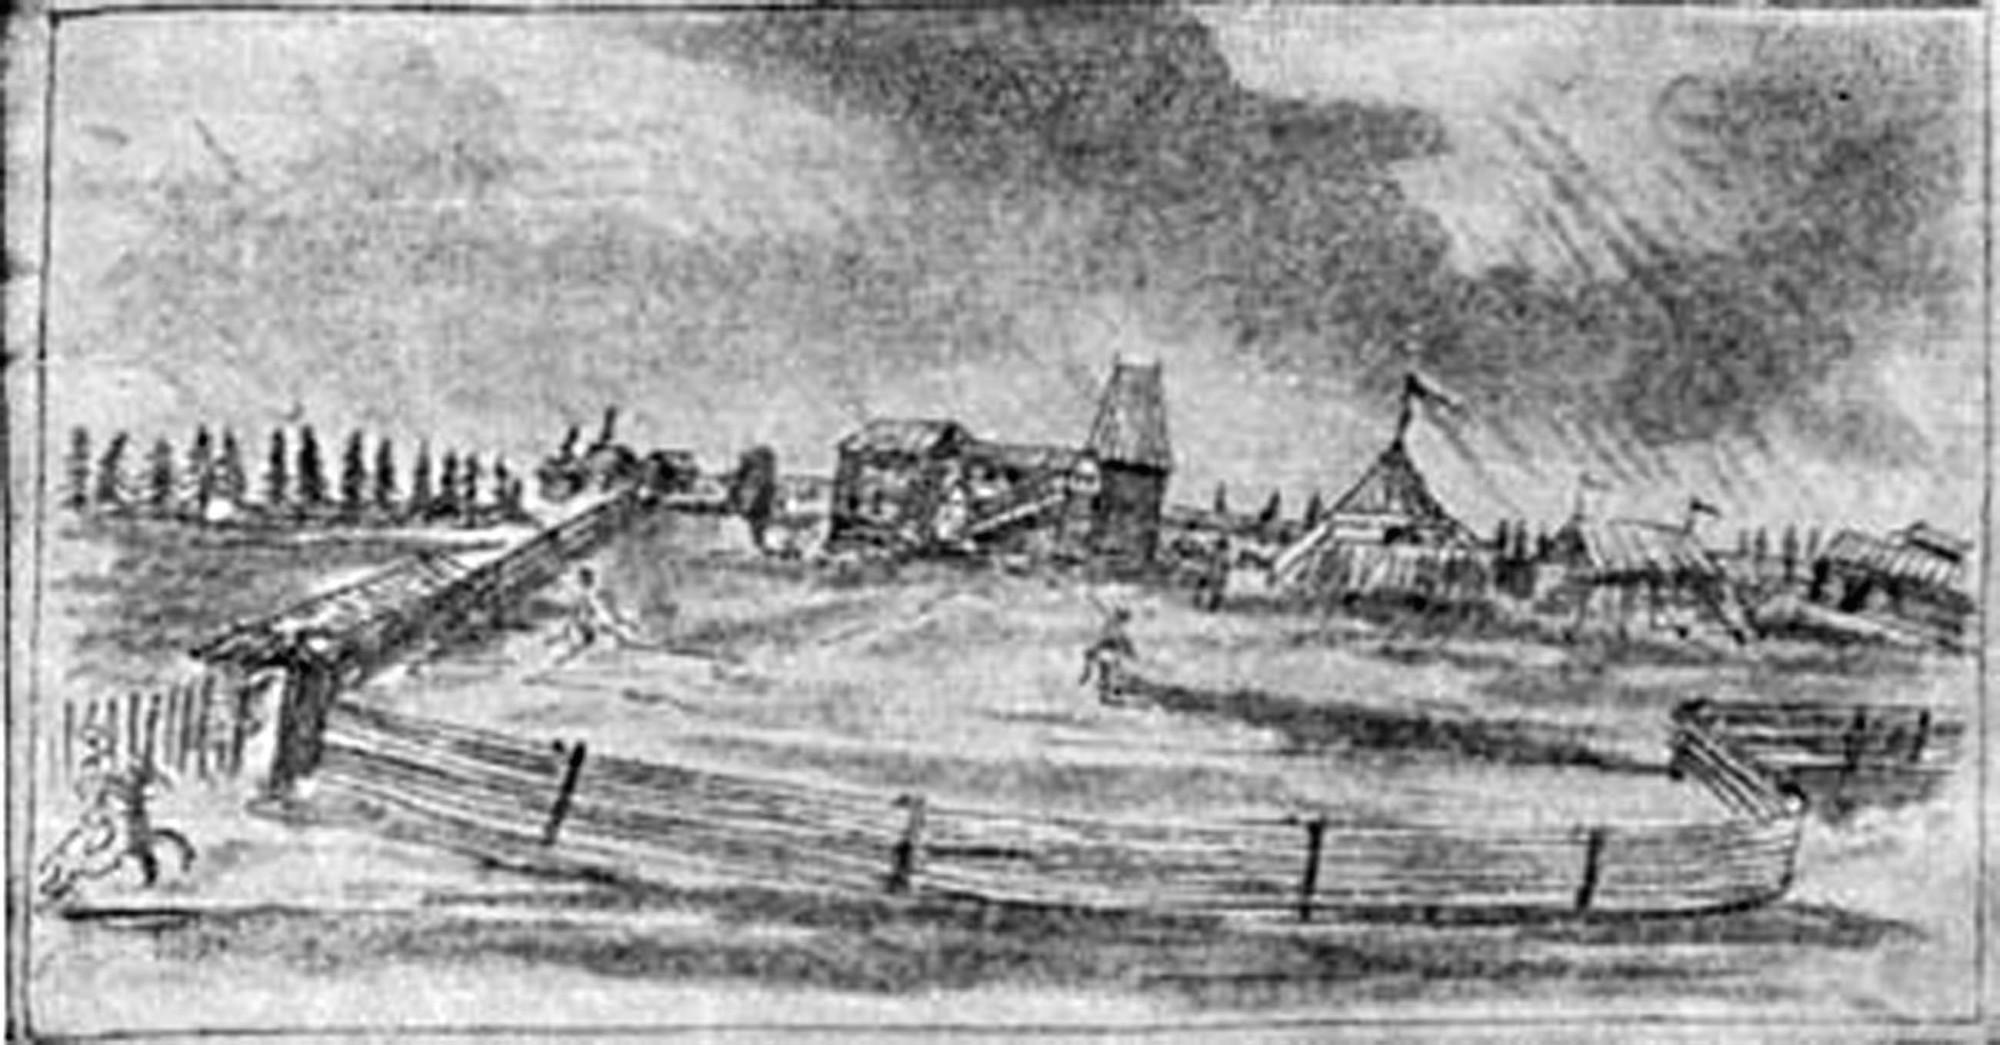 Усадьба помещика. Рисунок из альбома Майрберга 1661-1662 гг.